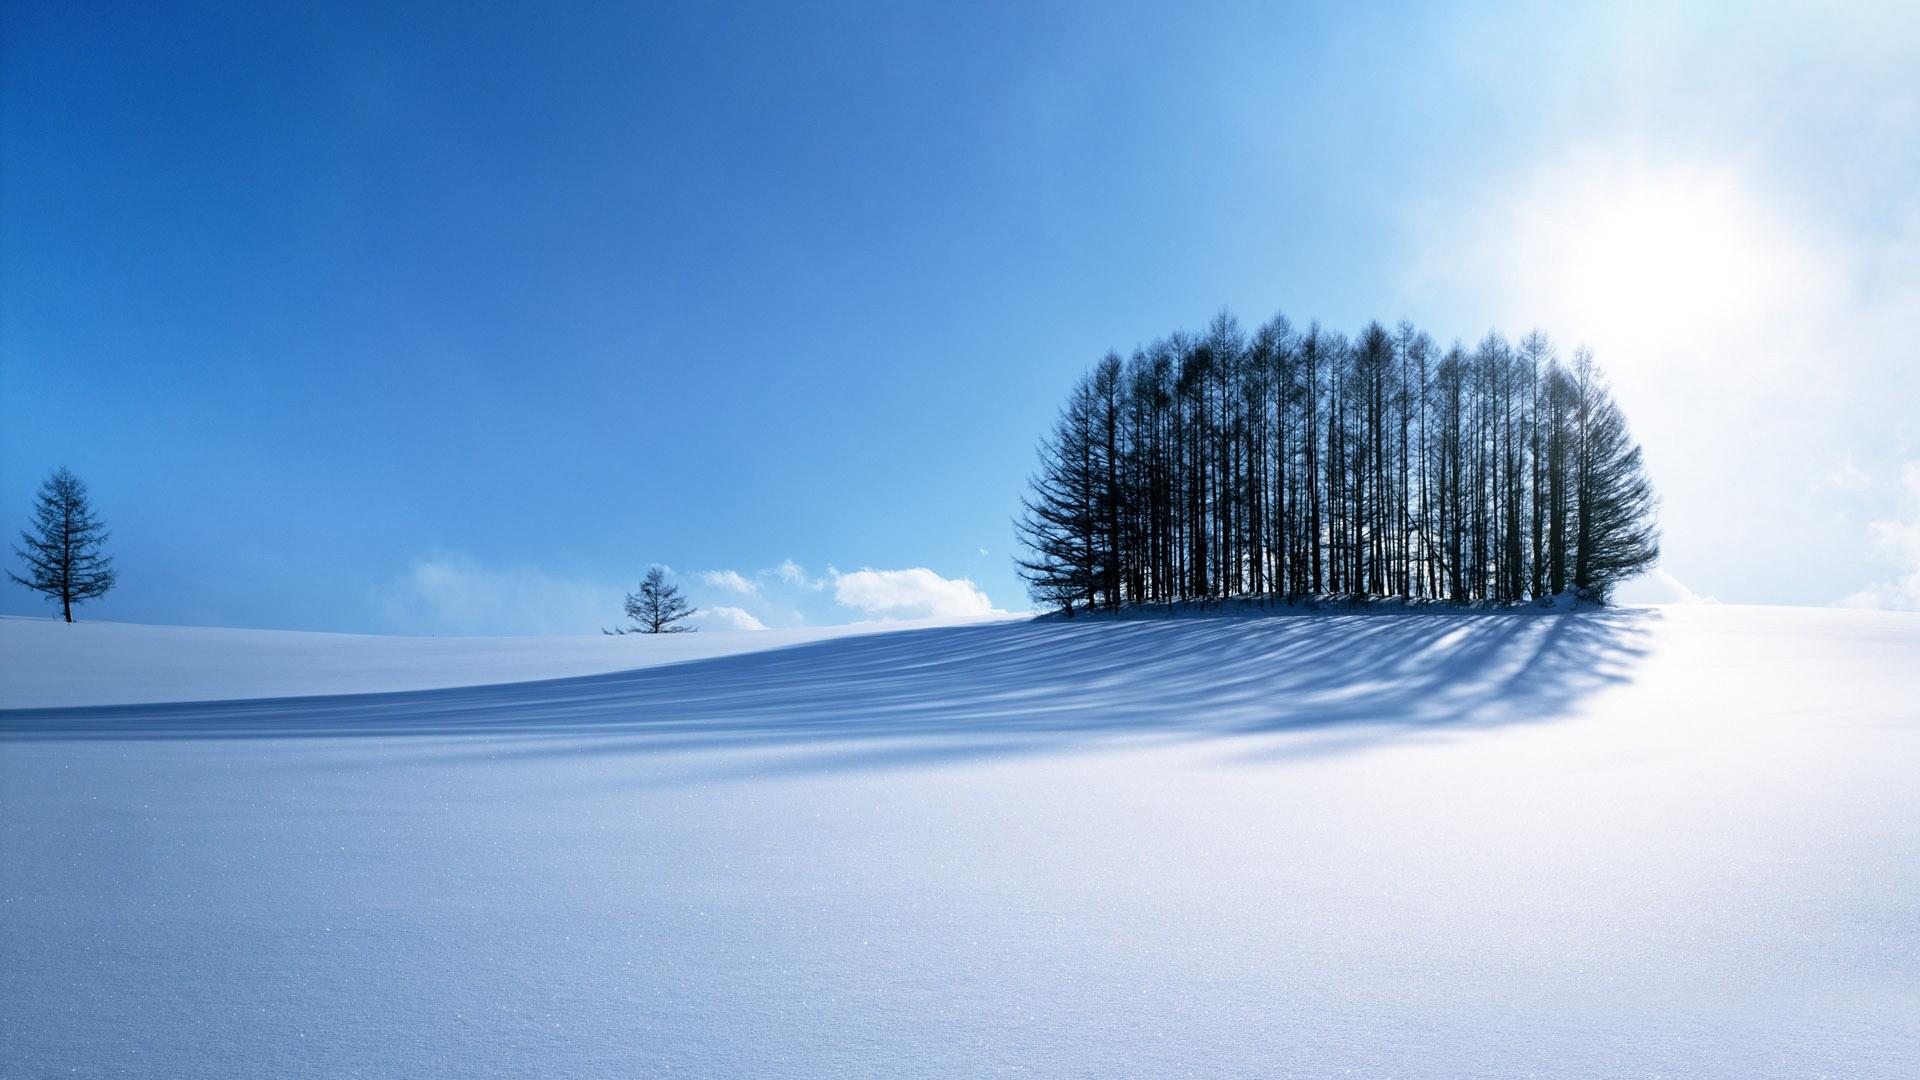 Winter Water HD Wallpaper 1920x1080